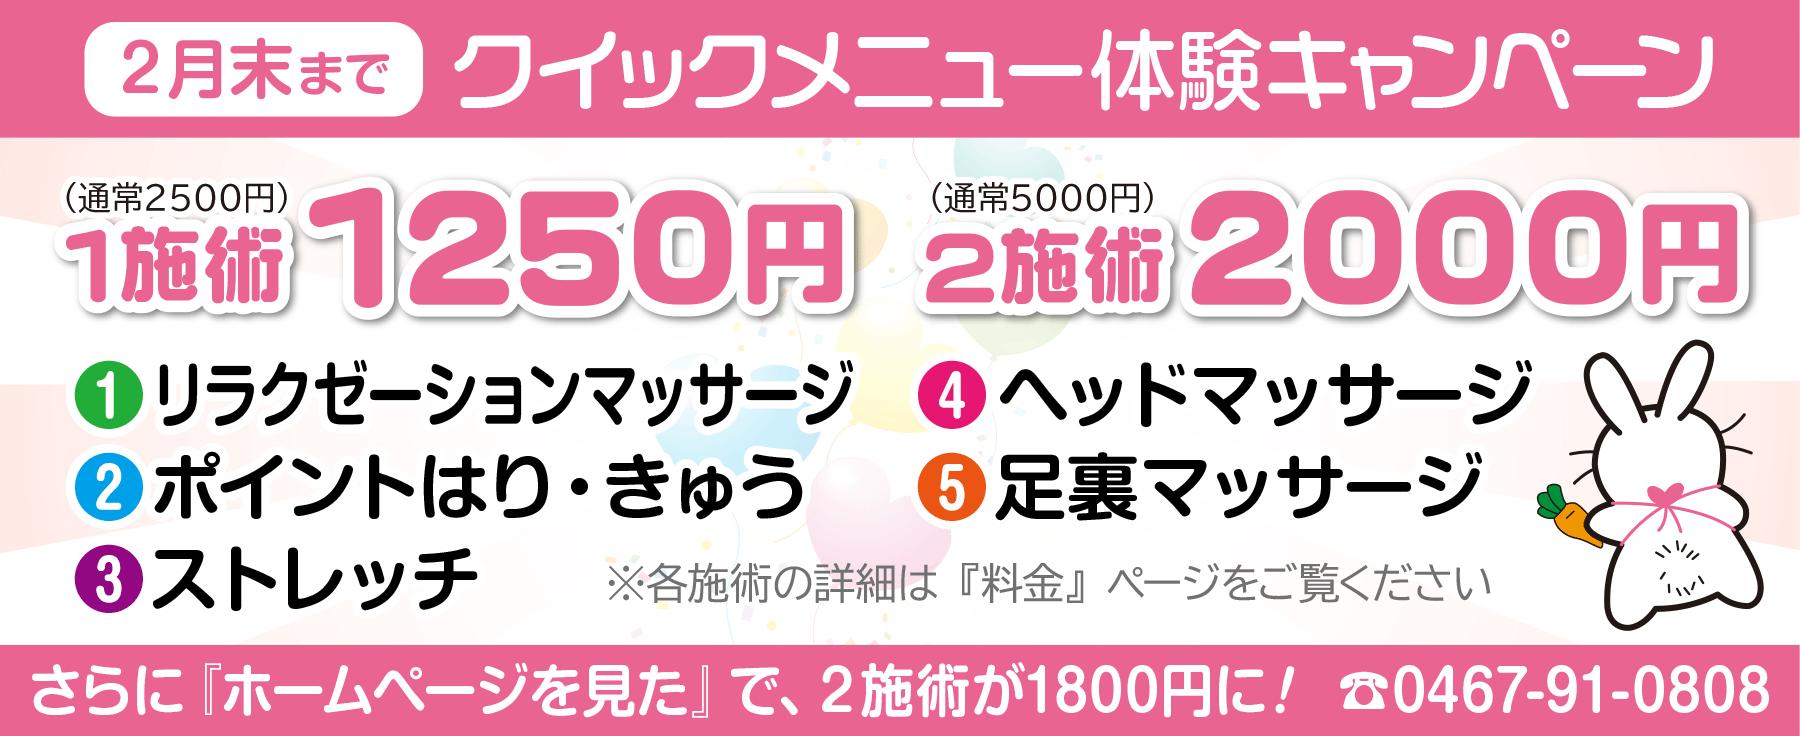 クイックメニュー体験キャンペーン2月末まで開催中!